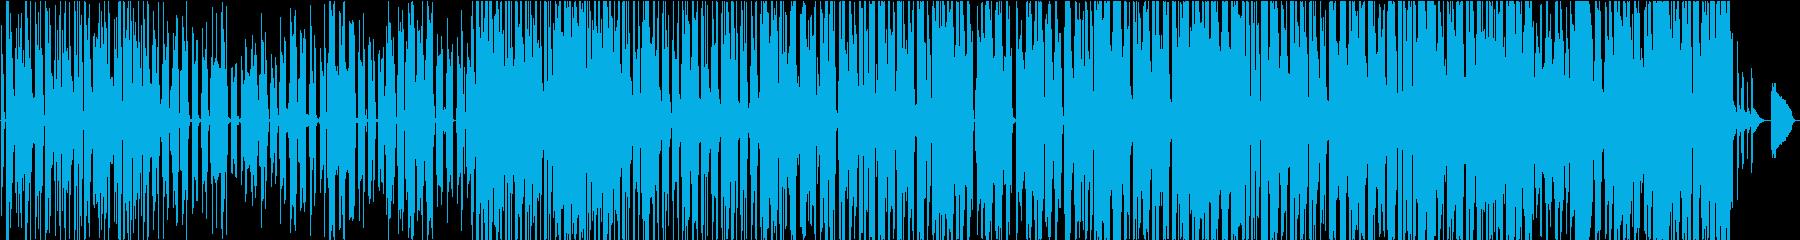 水と泡の再生済みの波形